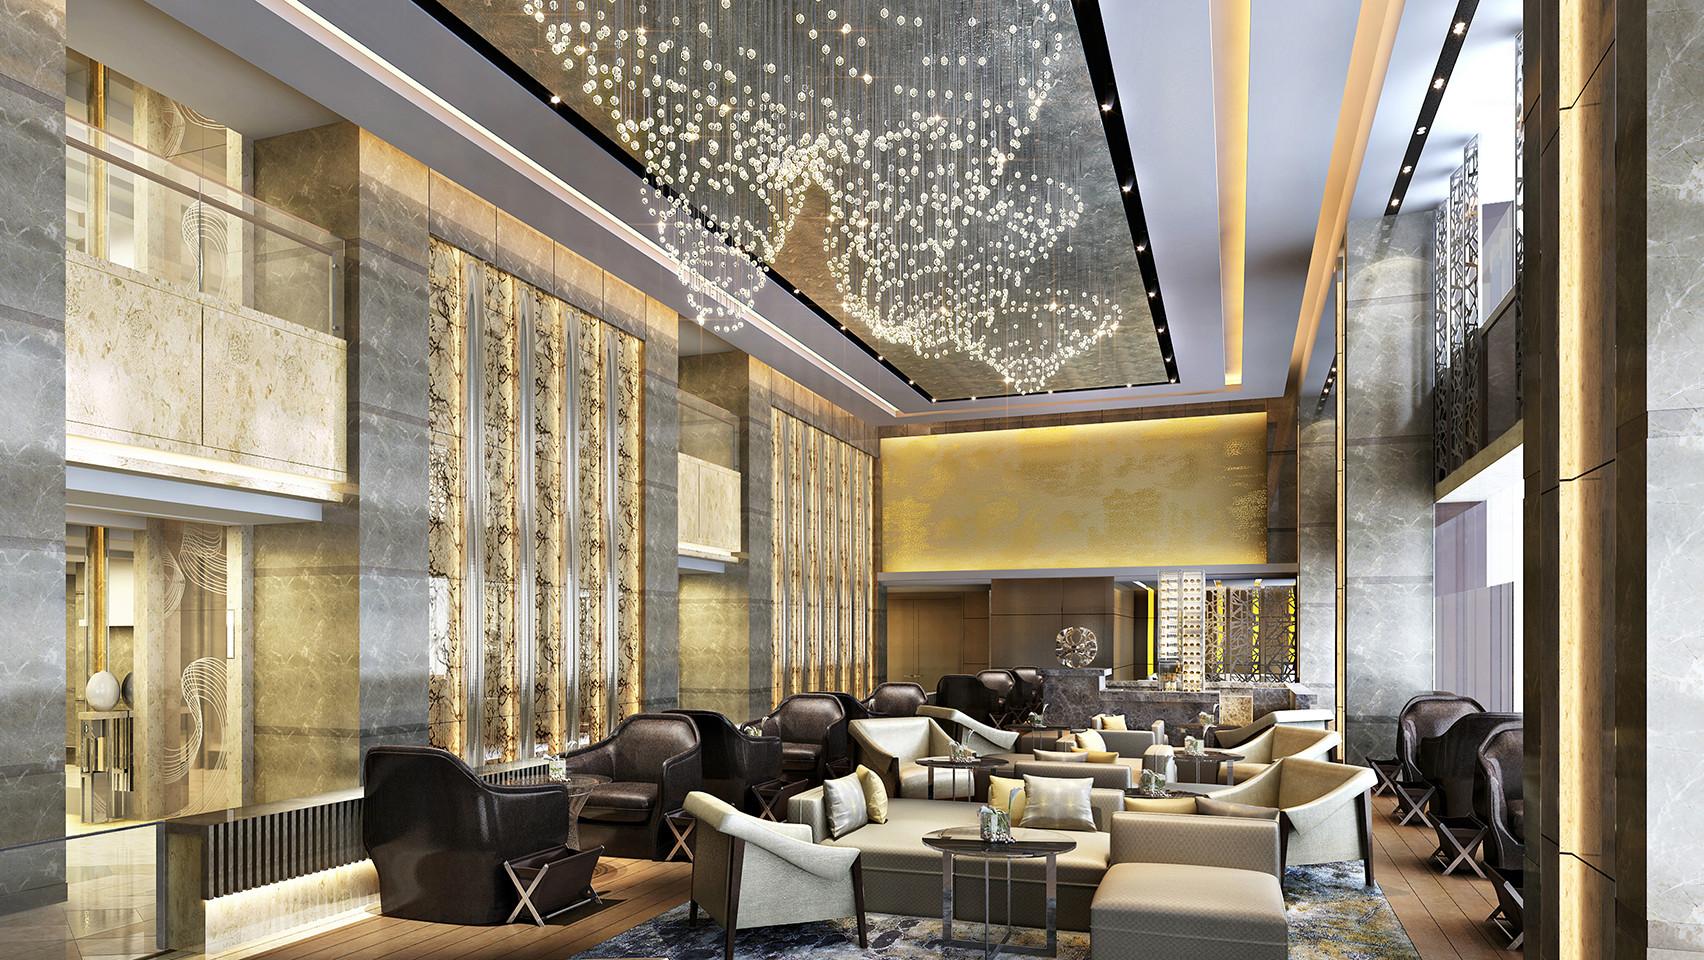 JW Marriott Chengdu lobby lounge